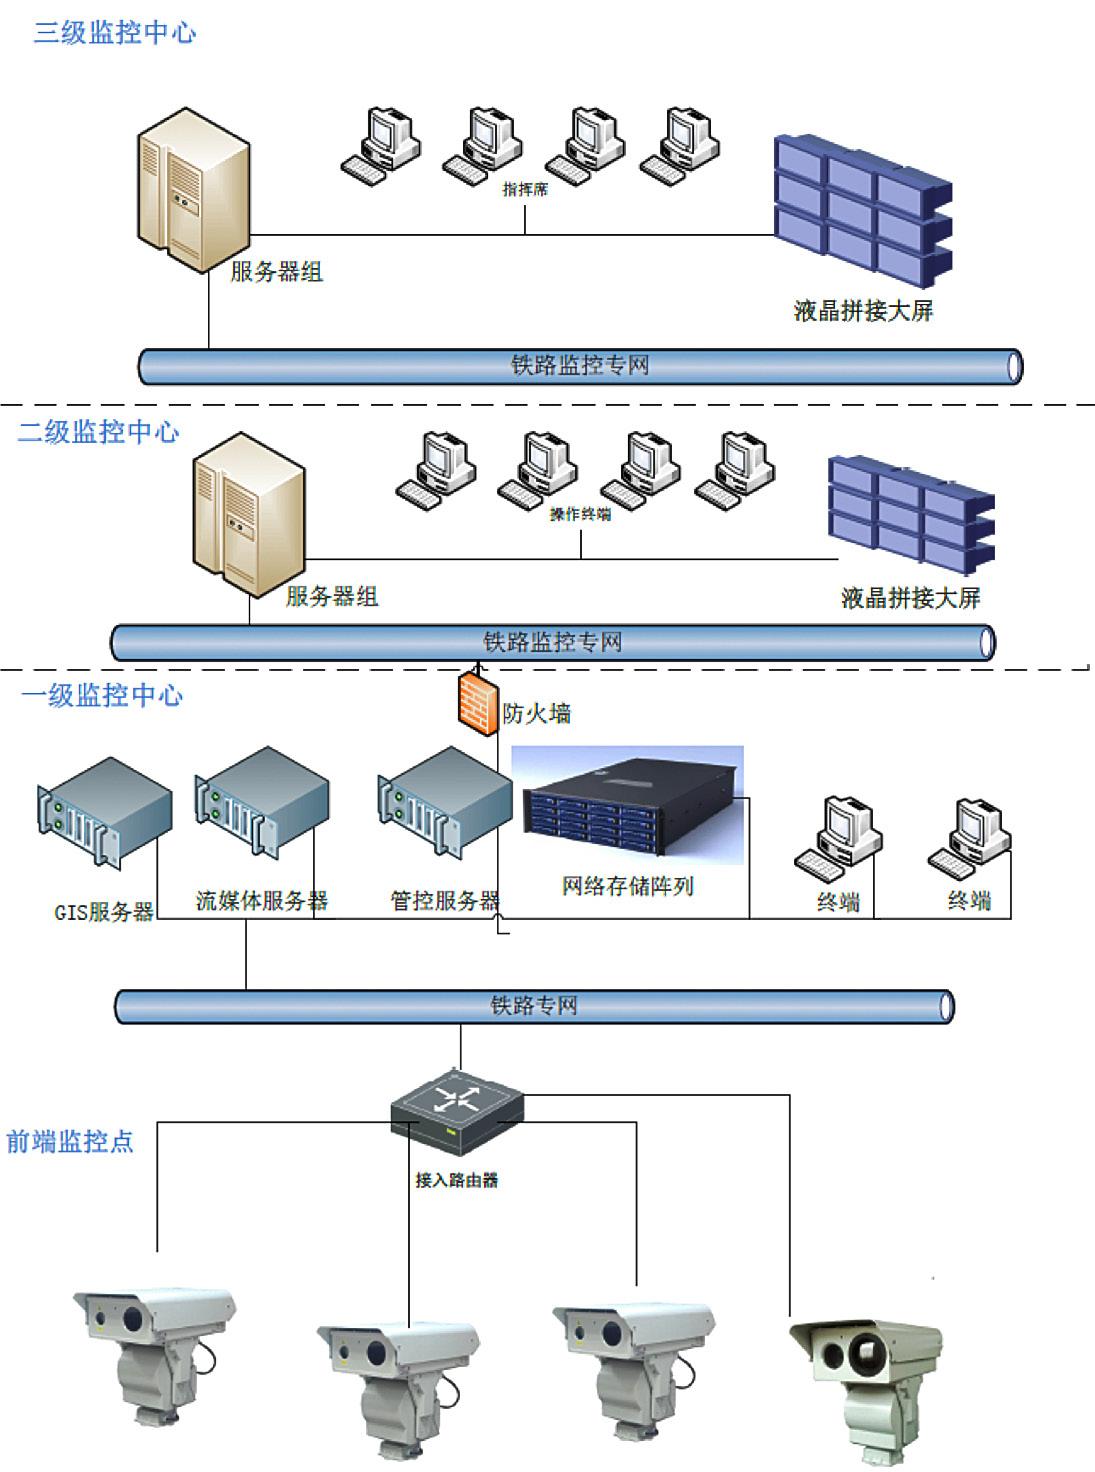 高铁智能视频监控系统